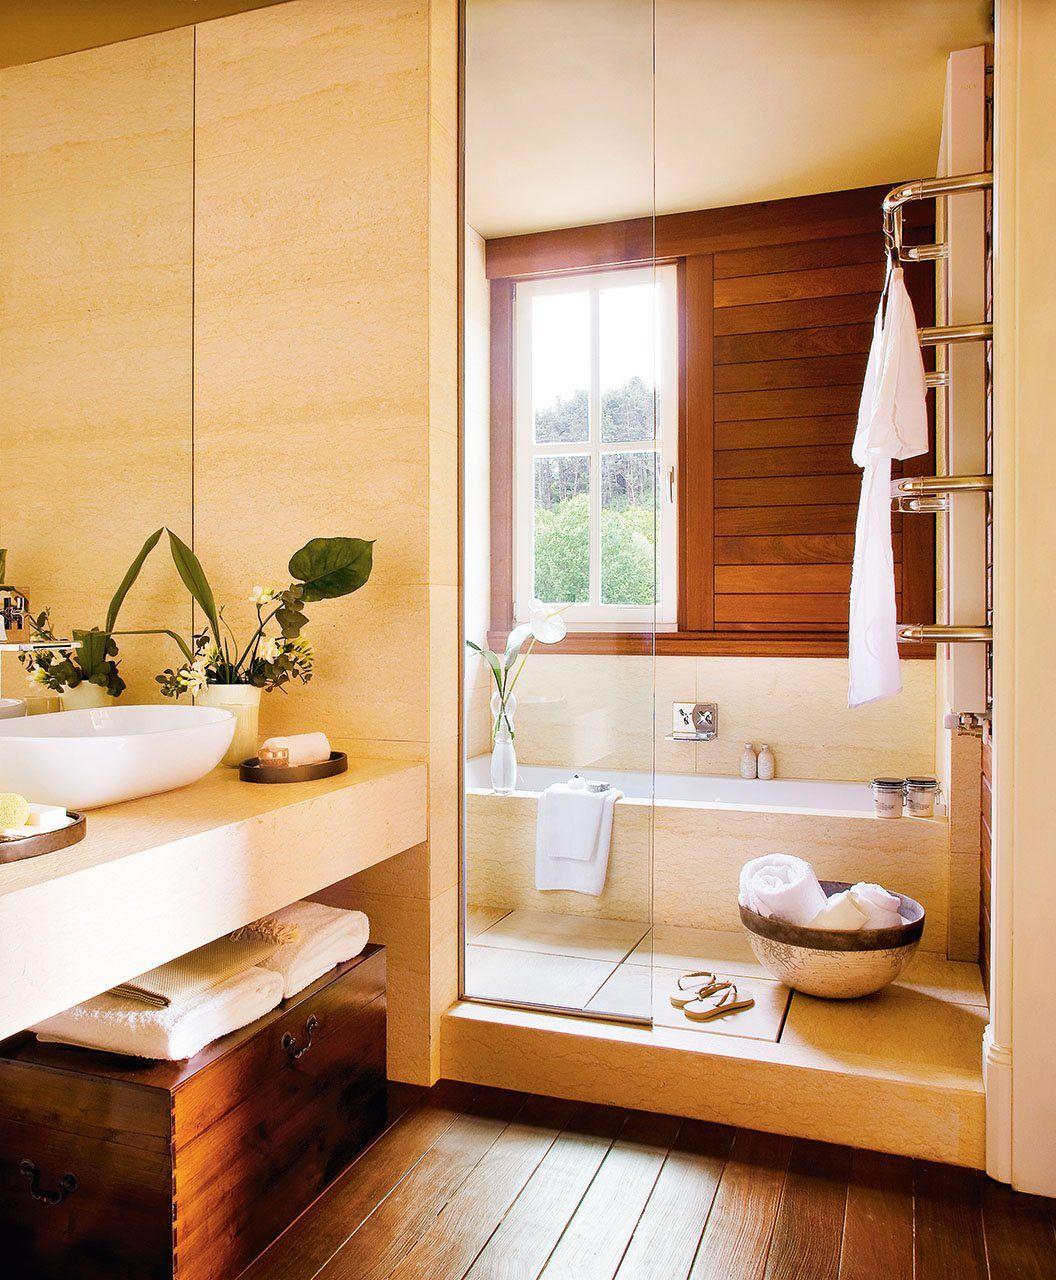 Con ducha y ba era en poco m s de 7m2 for Banos pequenos modernos con banera